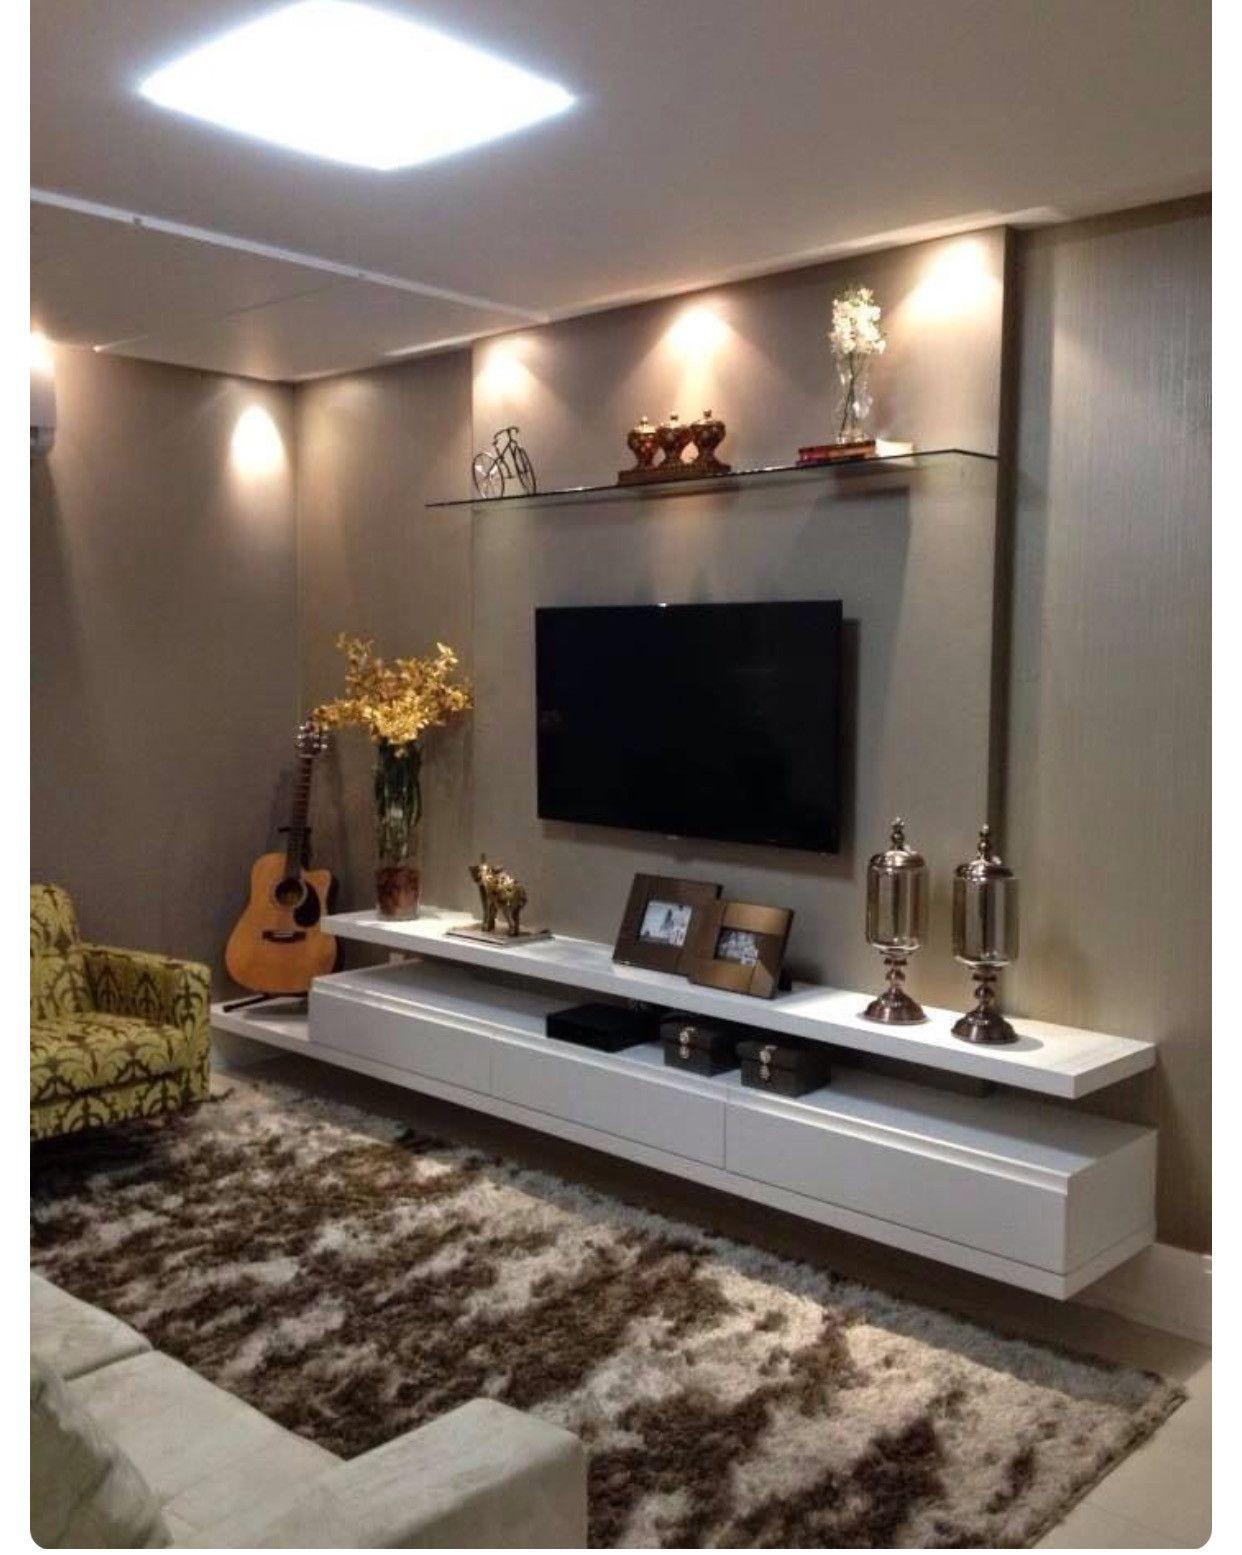 Meuble Sicre Nouveau Meuble Rangement Salon Unique 70 Inspirant Meuble Designe Graphie De 11 Nouveau Meuble Sicre Idees Home Dining Room Small Room Design